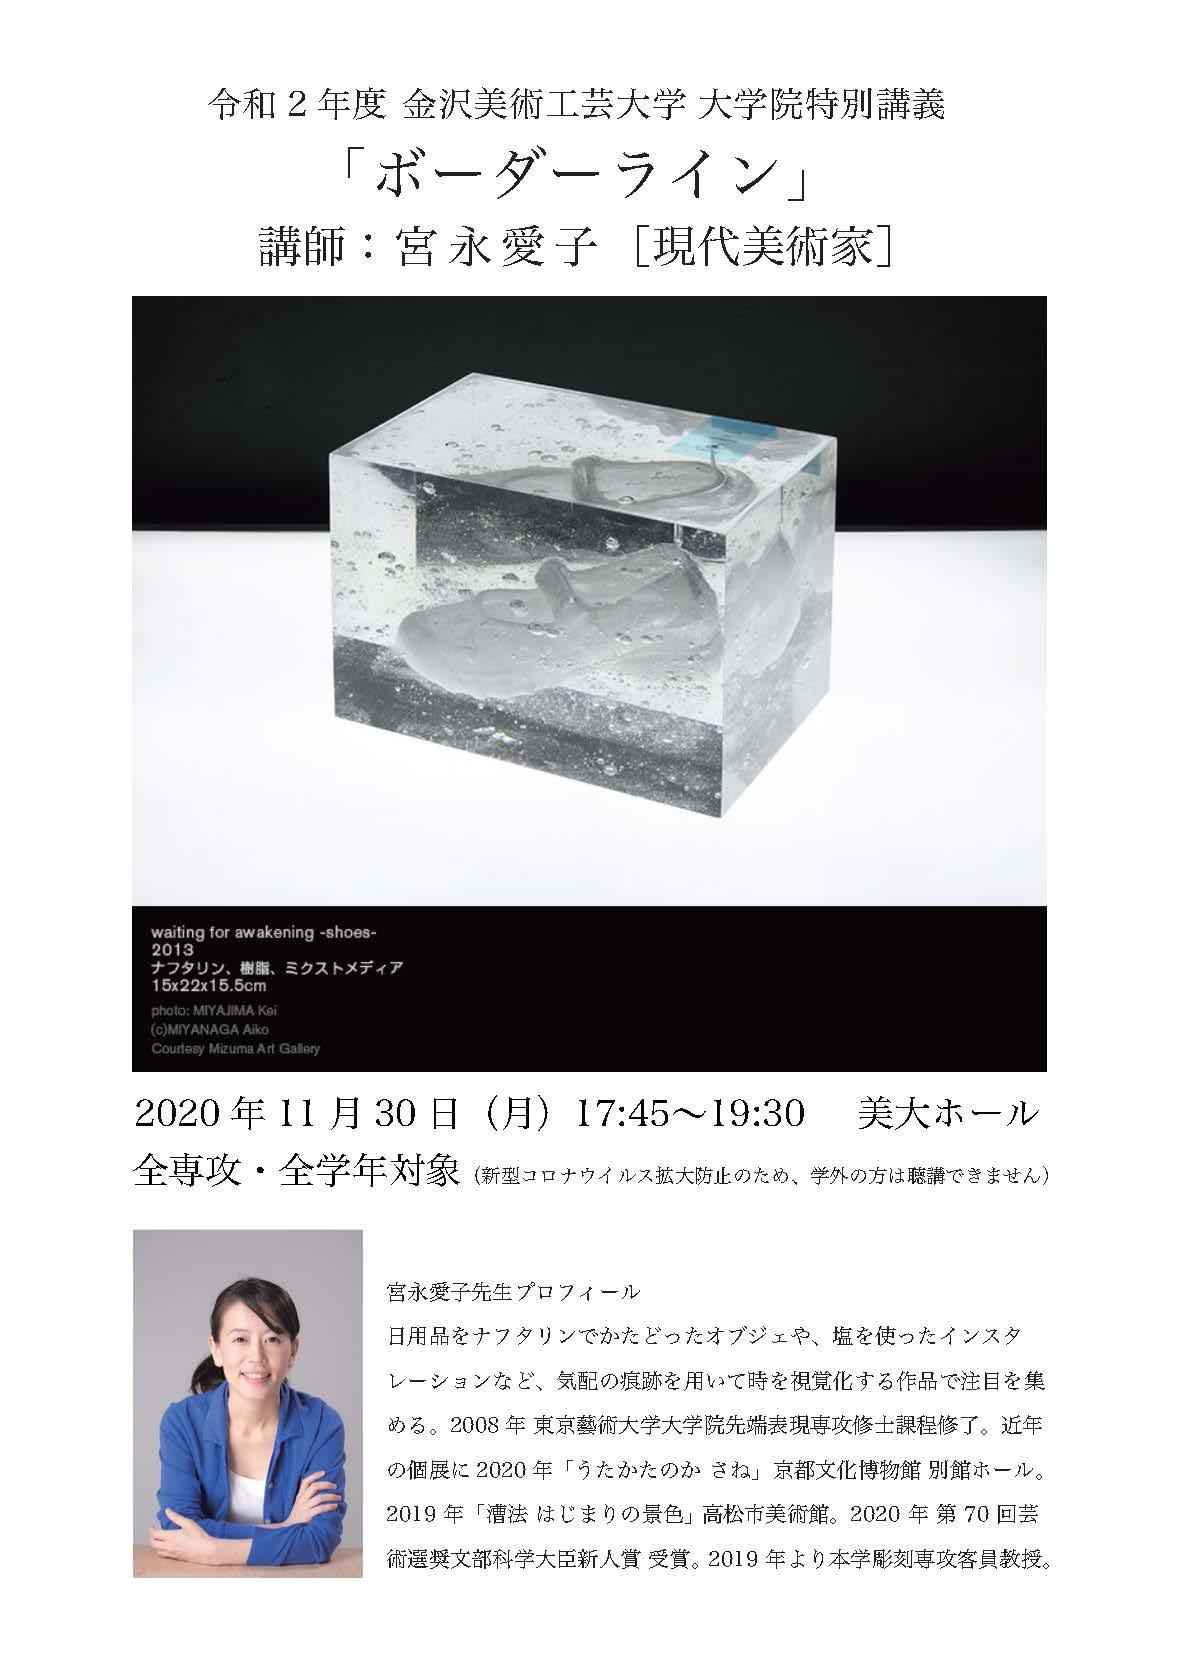 大学院特別講義 宮永愛子氏 「ボーダーライン」(11/30開催)